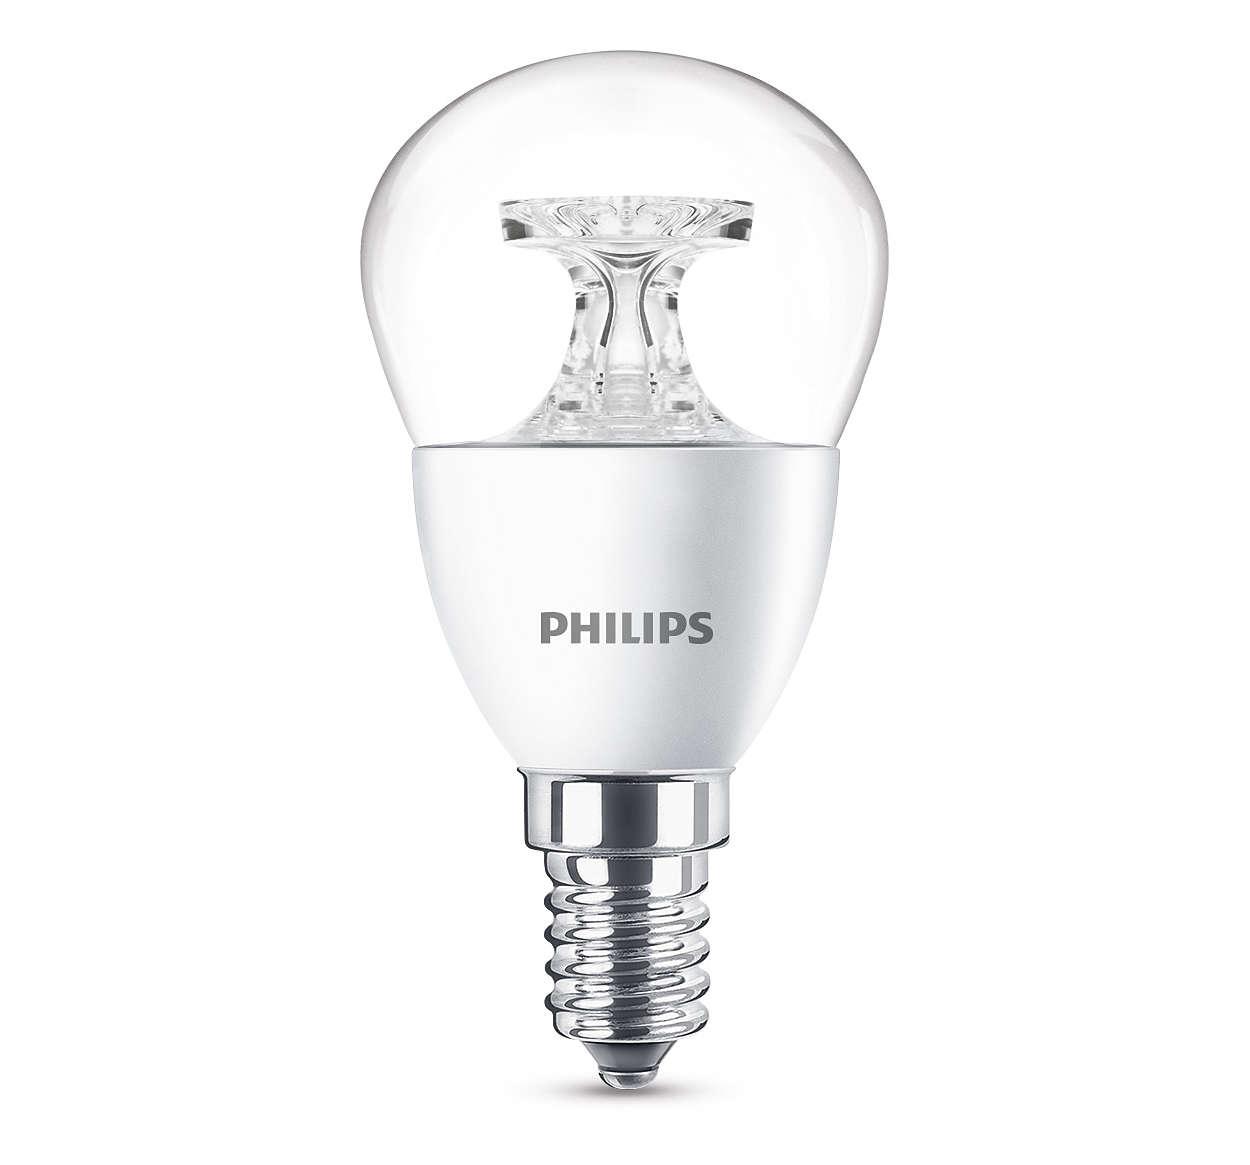 Lumină strălucitoare cu LED, de o calitate excelentă